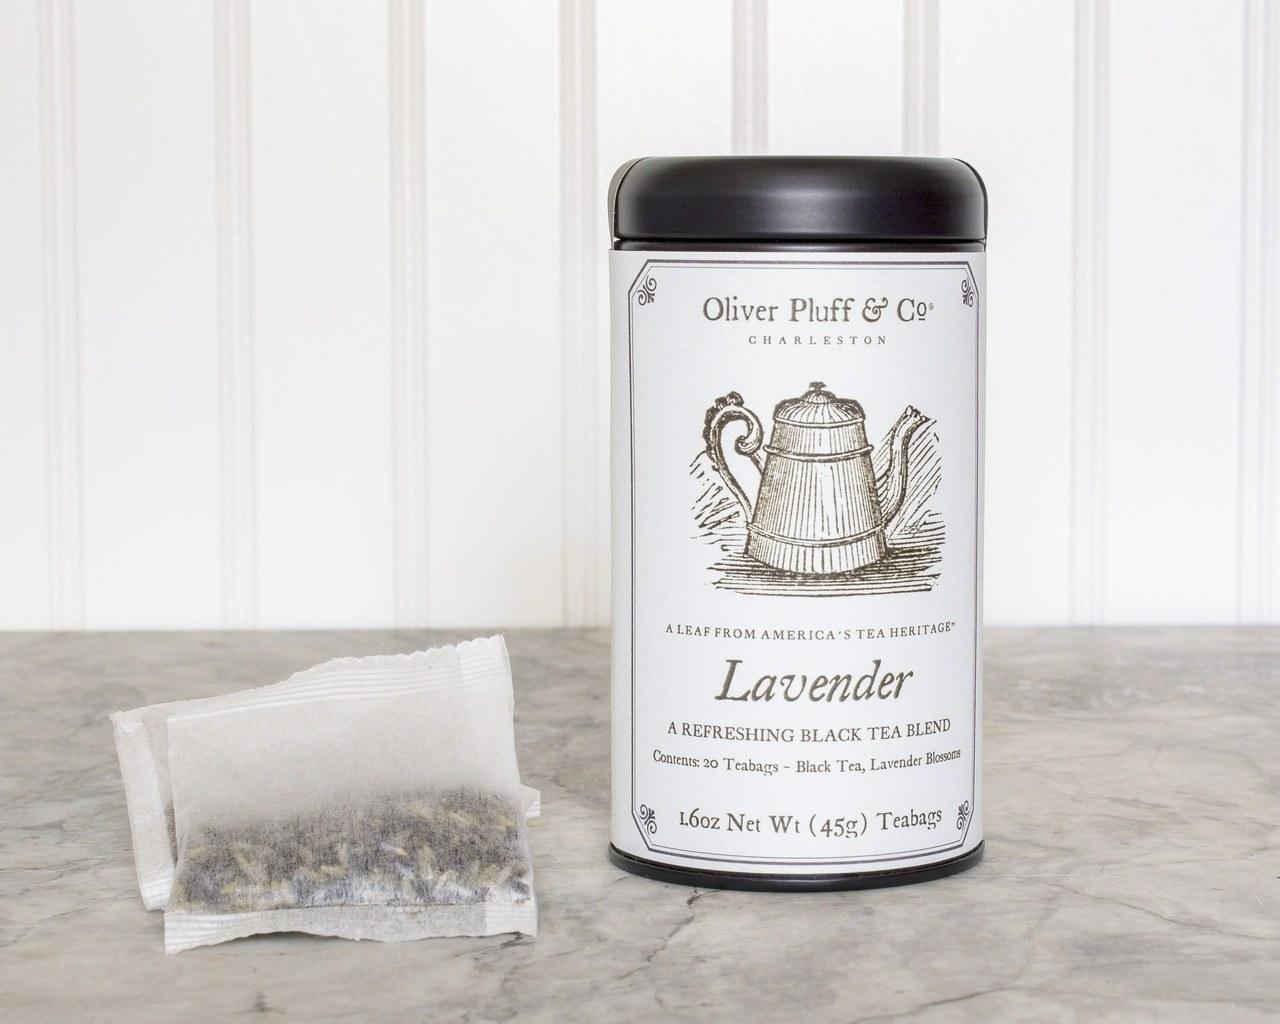 the white tea tin